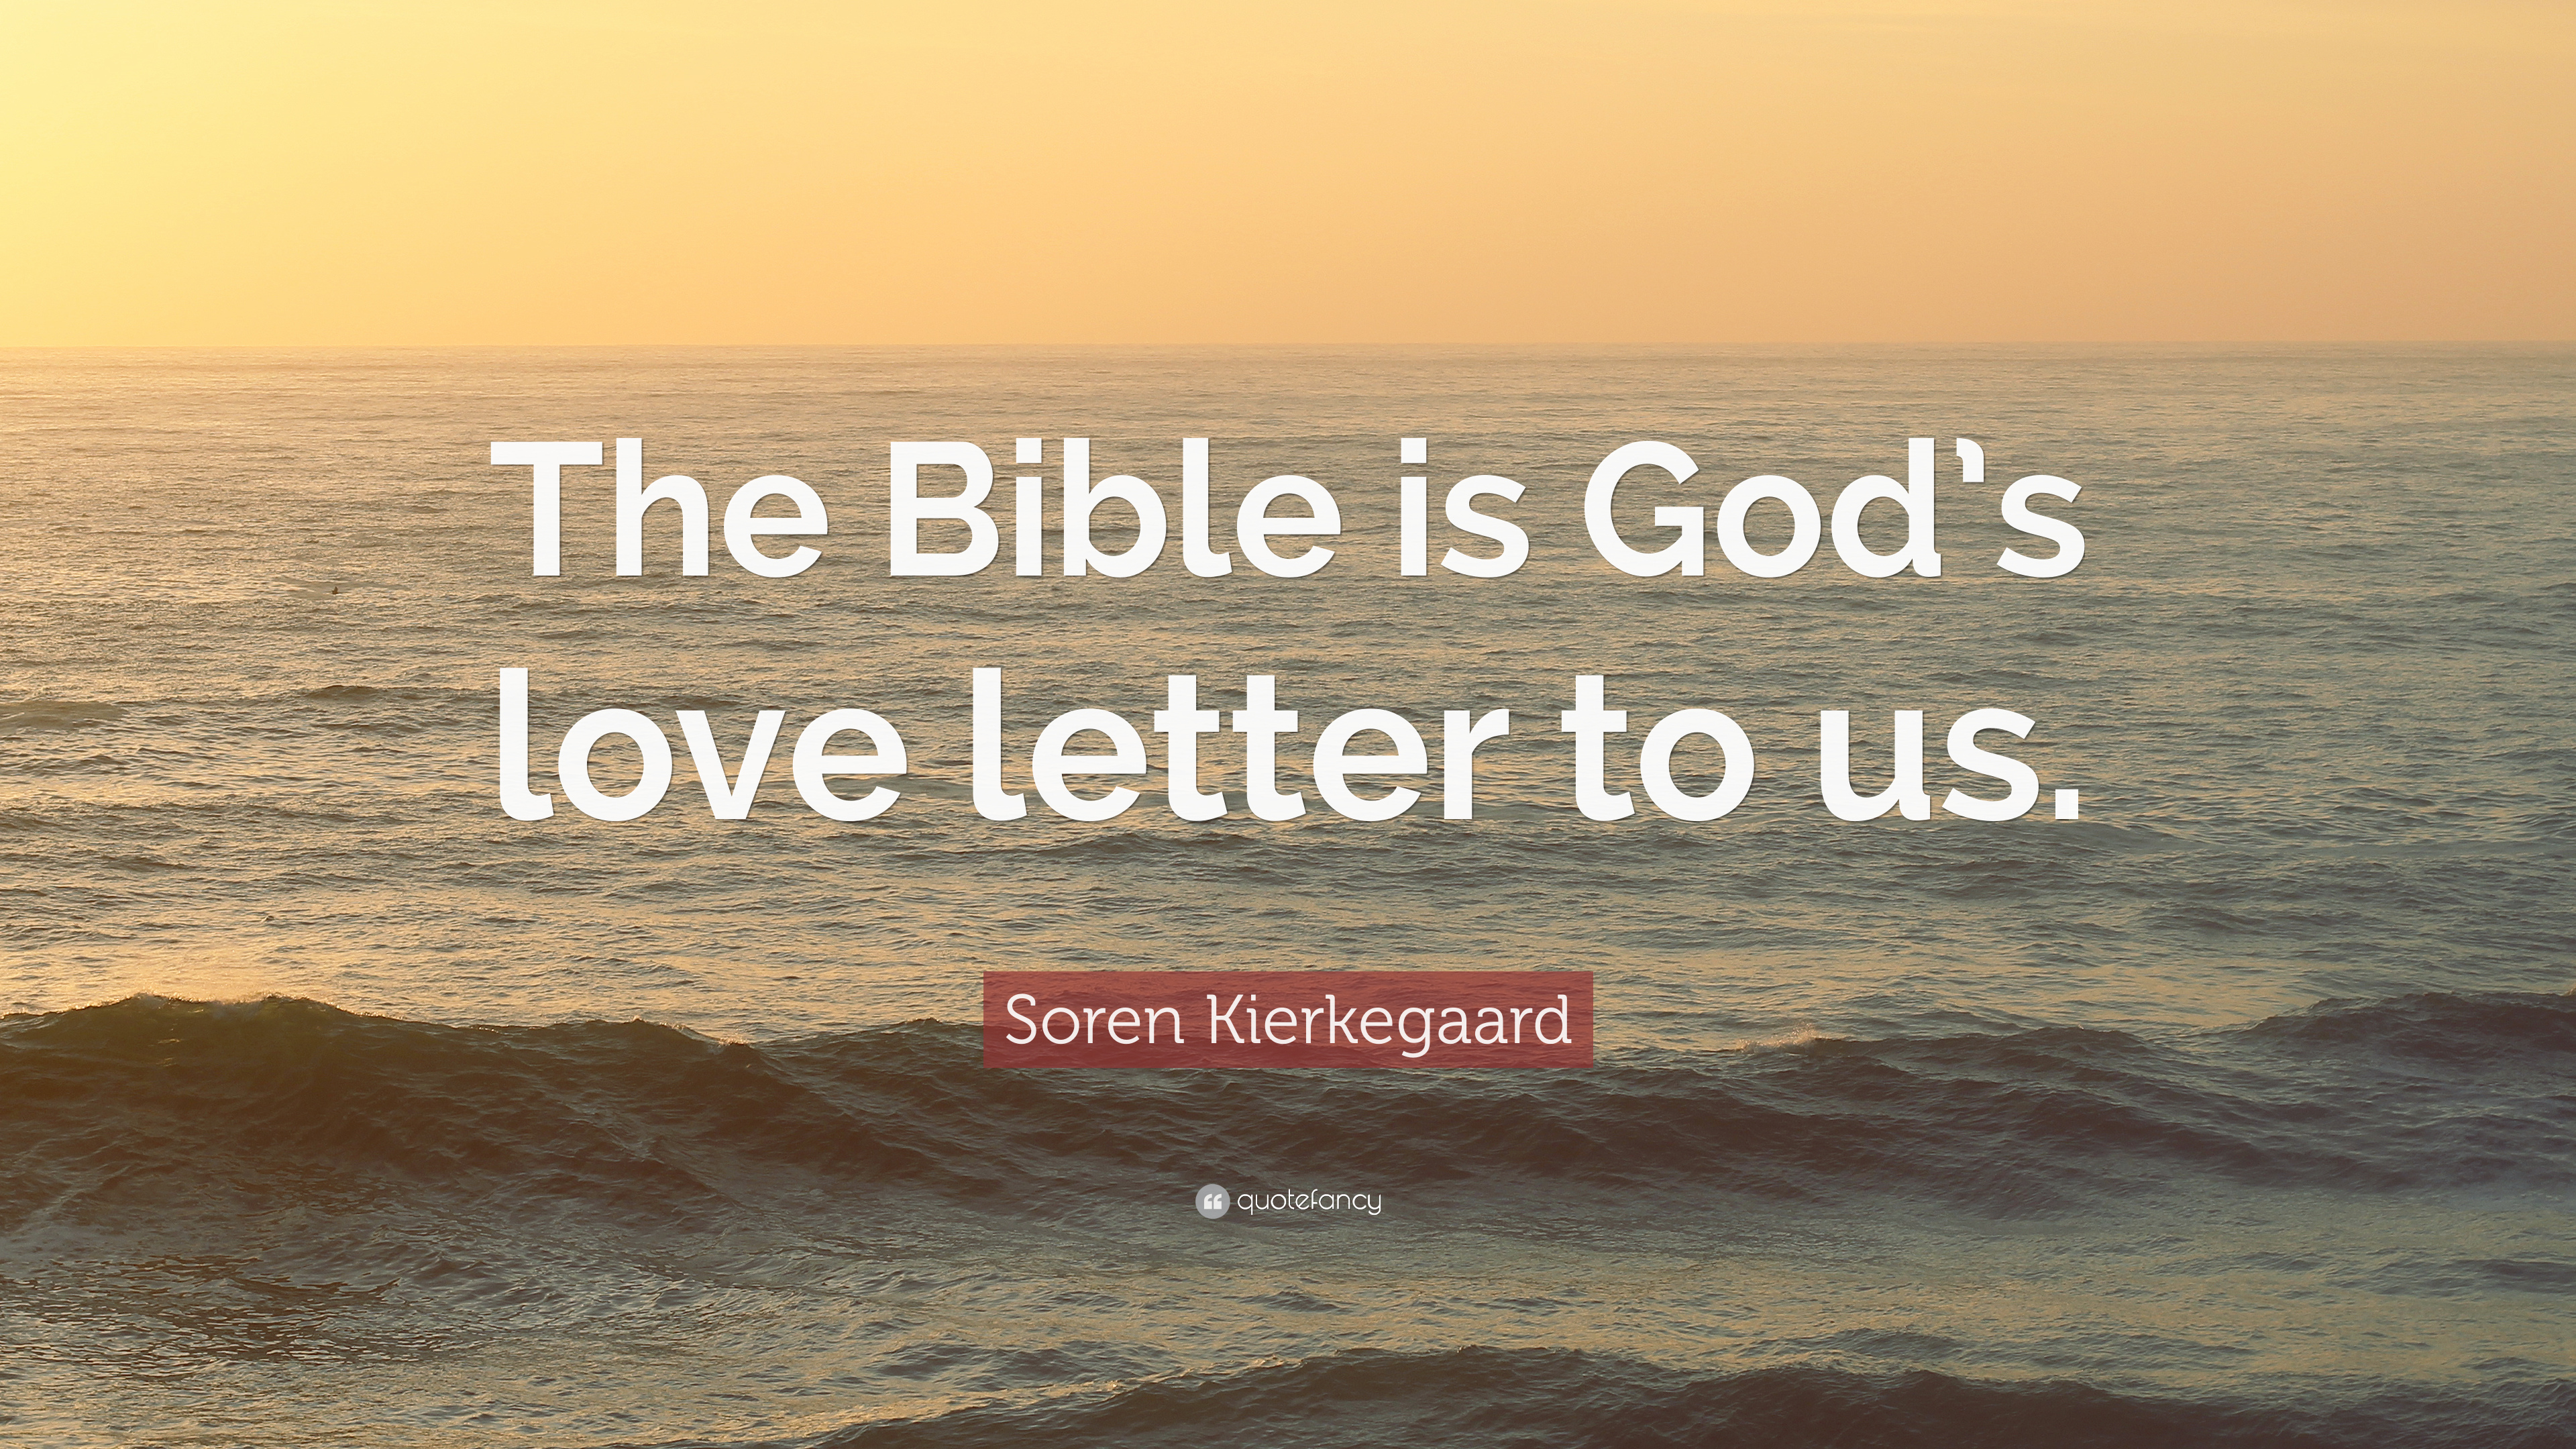 """Soren Kierkegaard Quote """"The Bible is God s love letter to us """""""